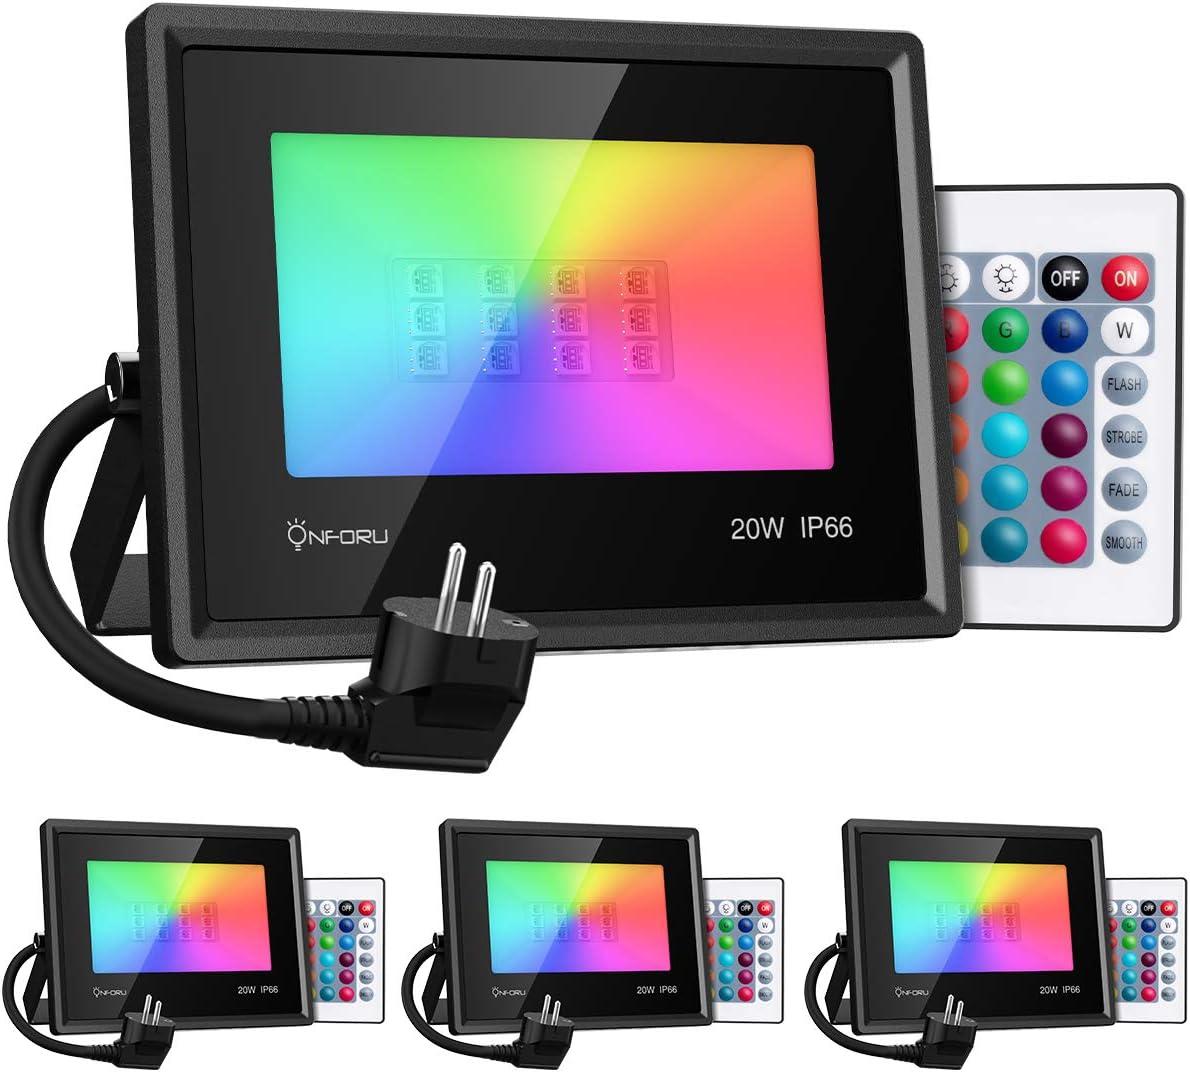 Onforu Foco RGB Led 20w (4 Pack), Foco Colores con Control Remoto, Foco led Interior de 16 Colores Cambiable y 4 Modos, Foco Led Exterior IP66 Impermeable, Función de Memoria para Fiesta Jardín Patio